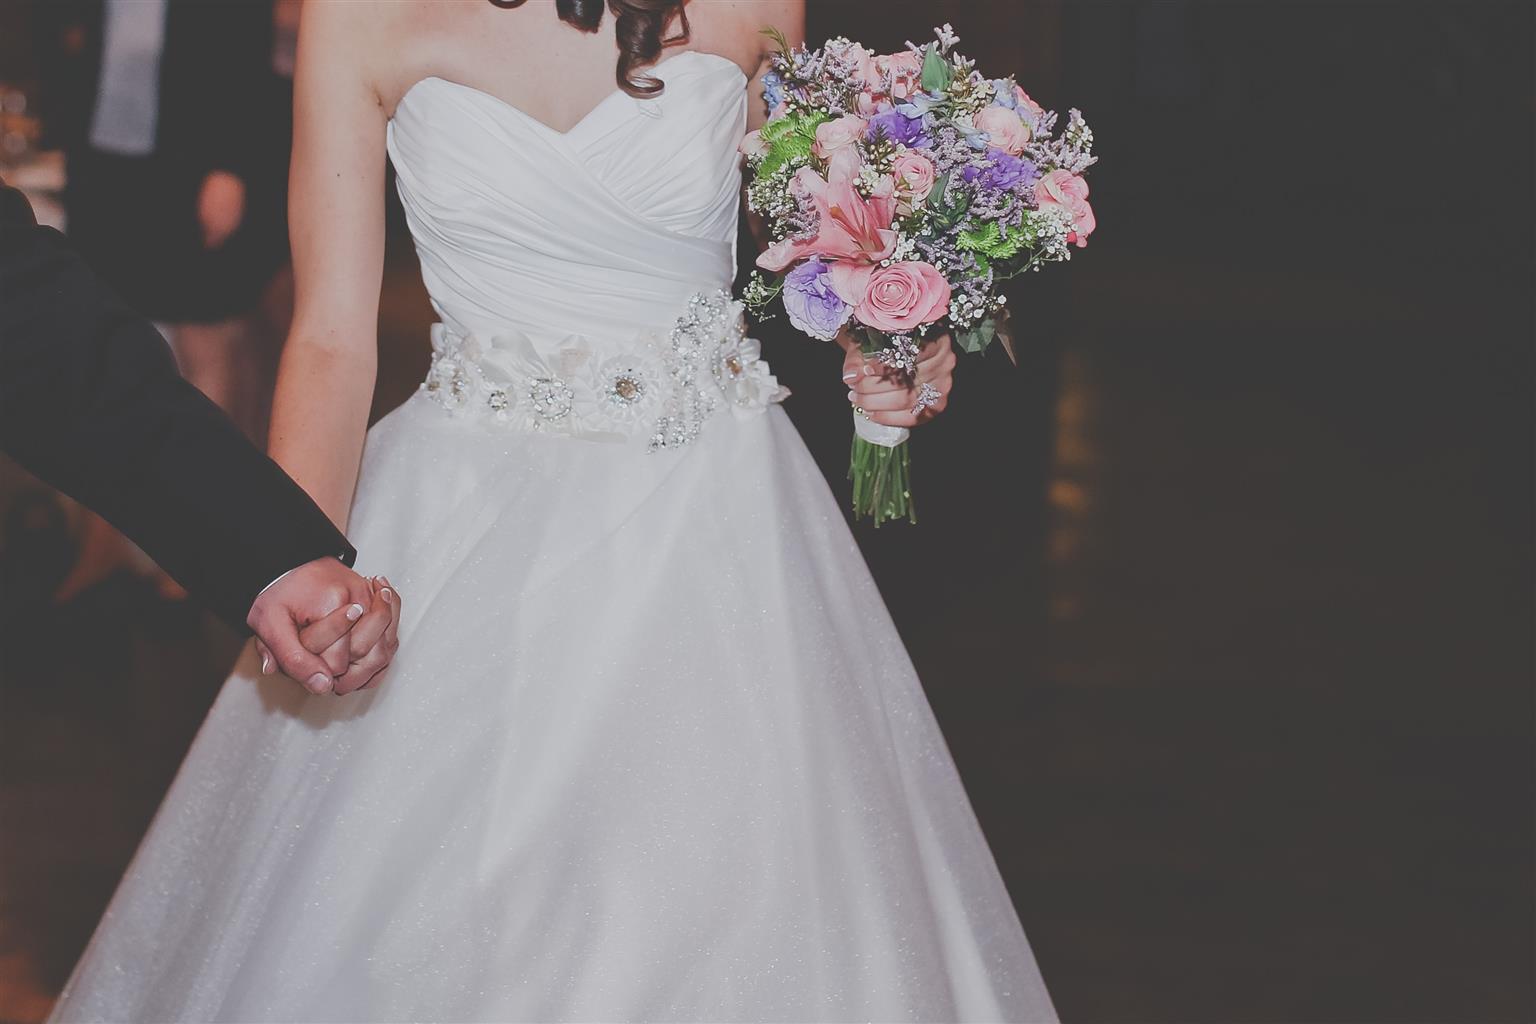 Designer Wedding Dress for sale